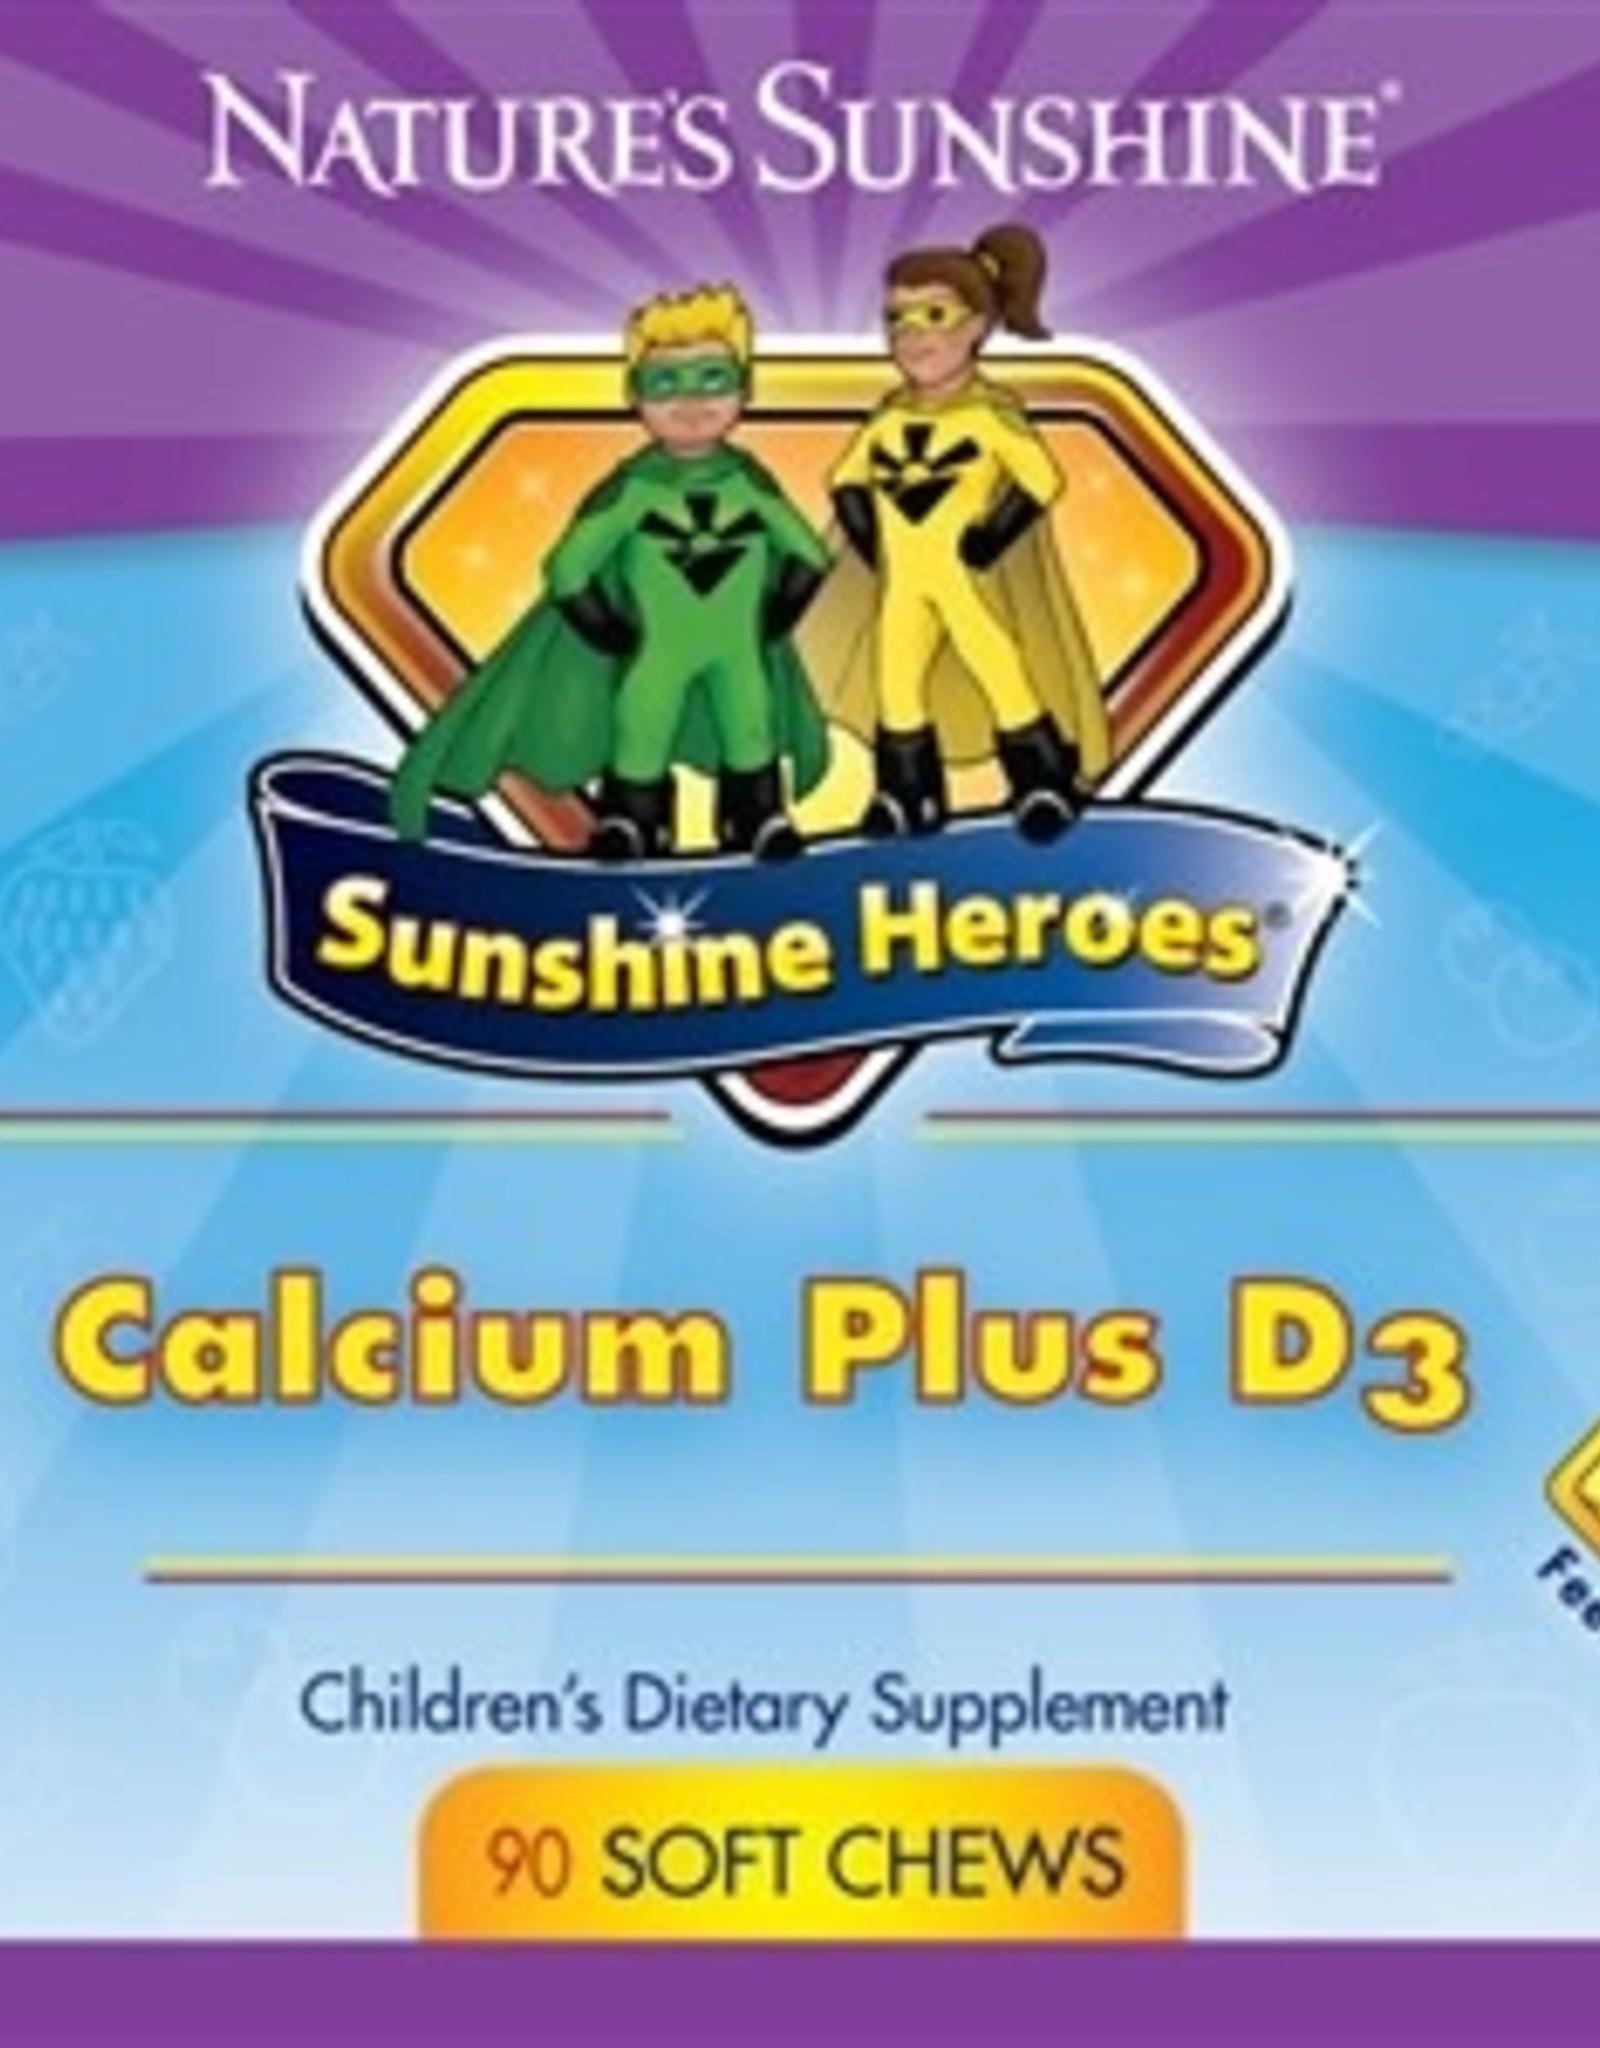 Nature's Sunshine Children's Calcium Plus D3